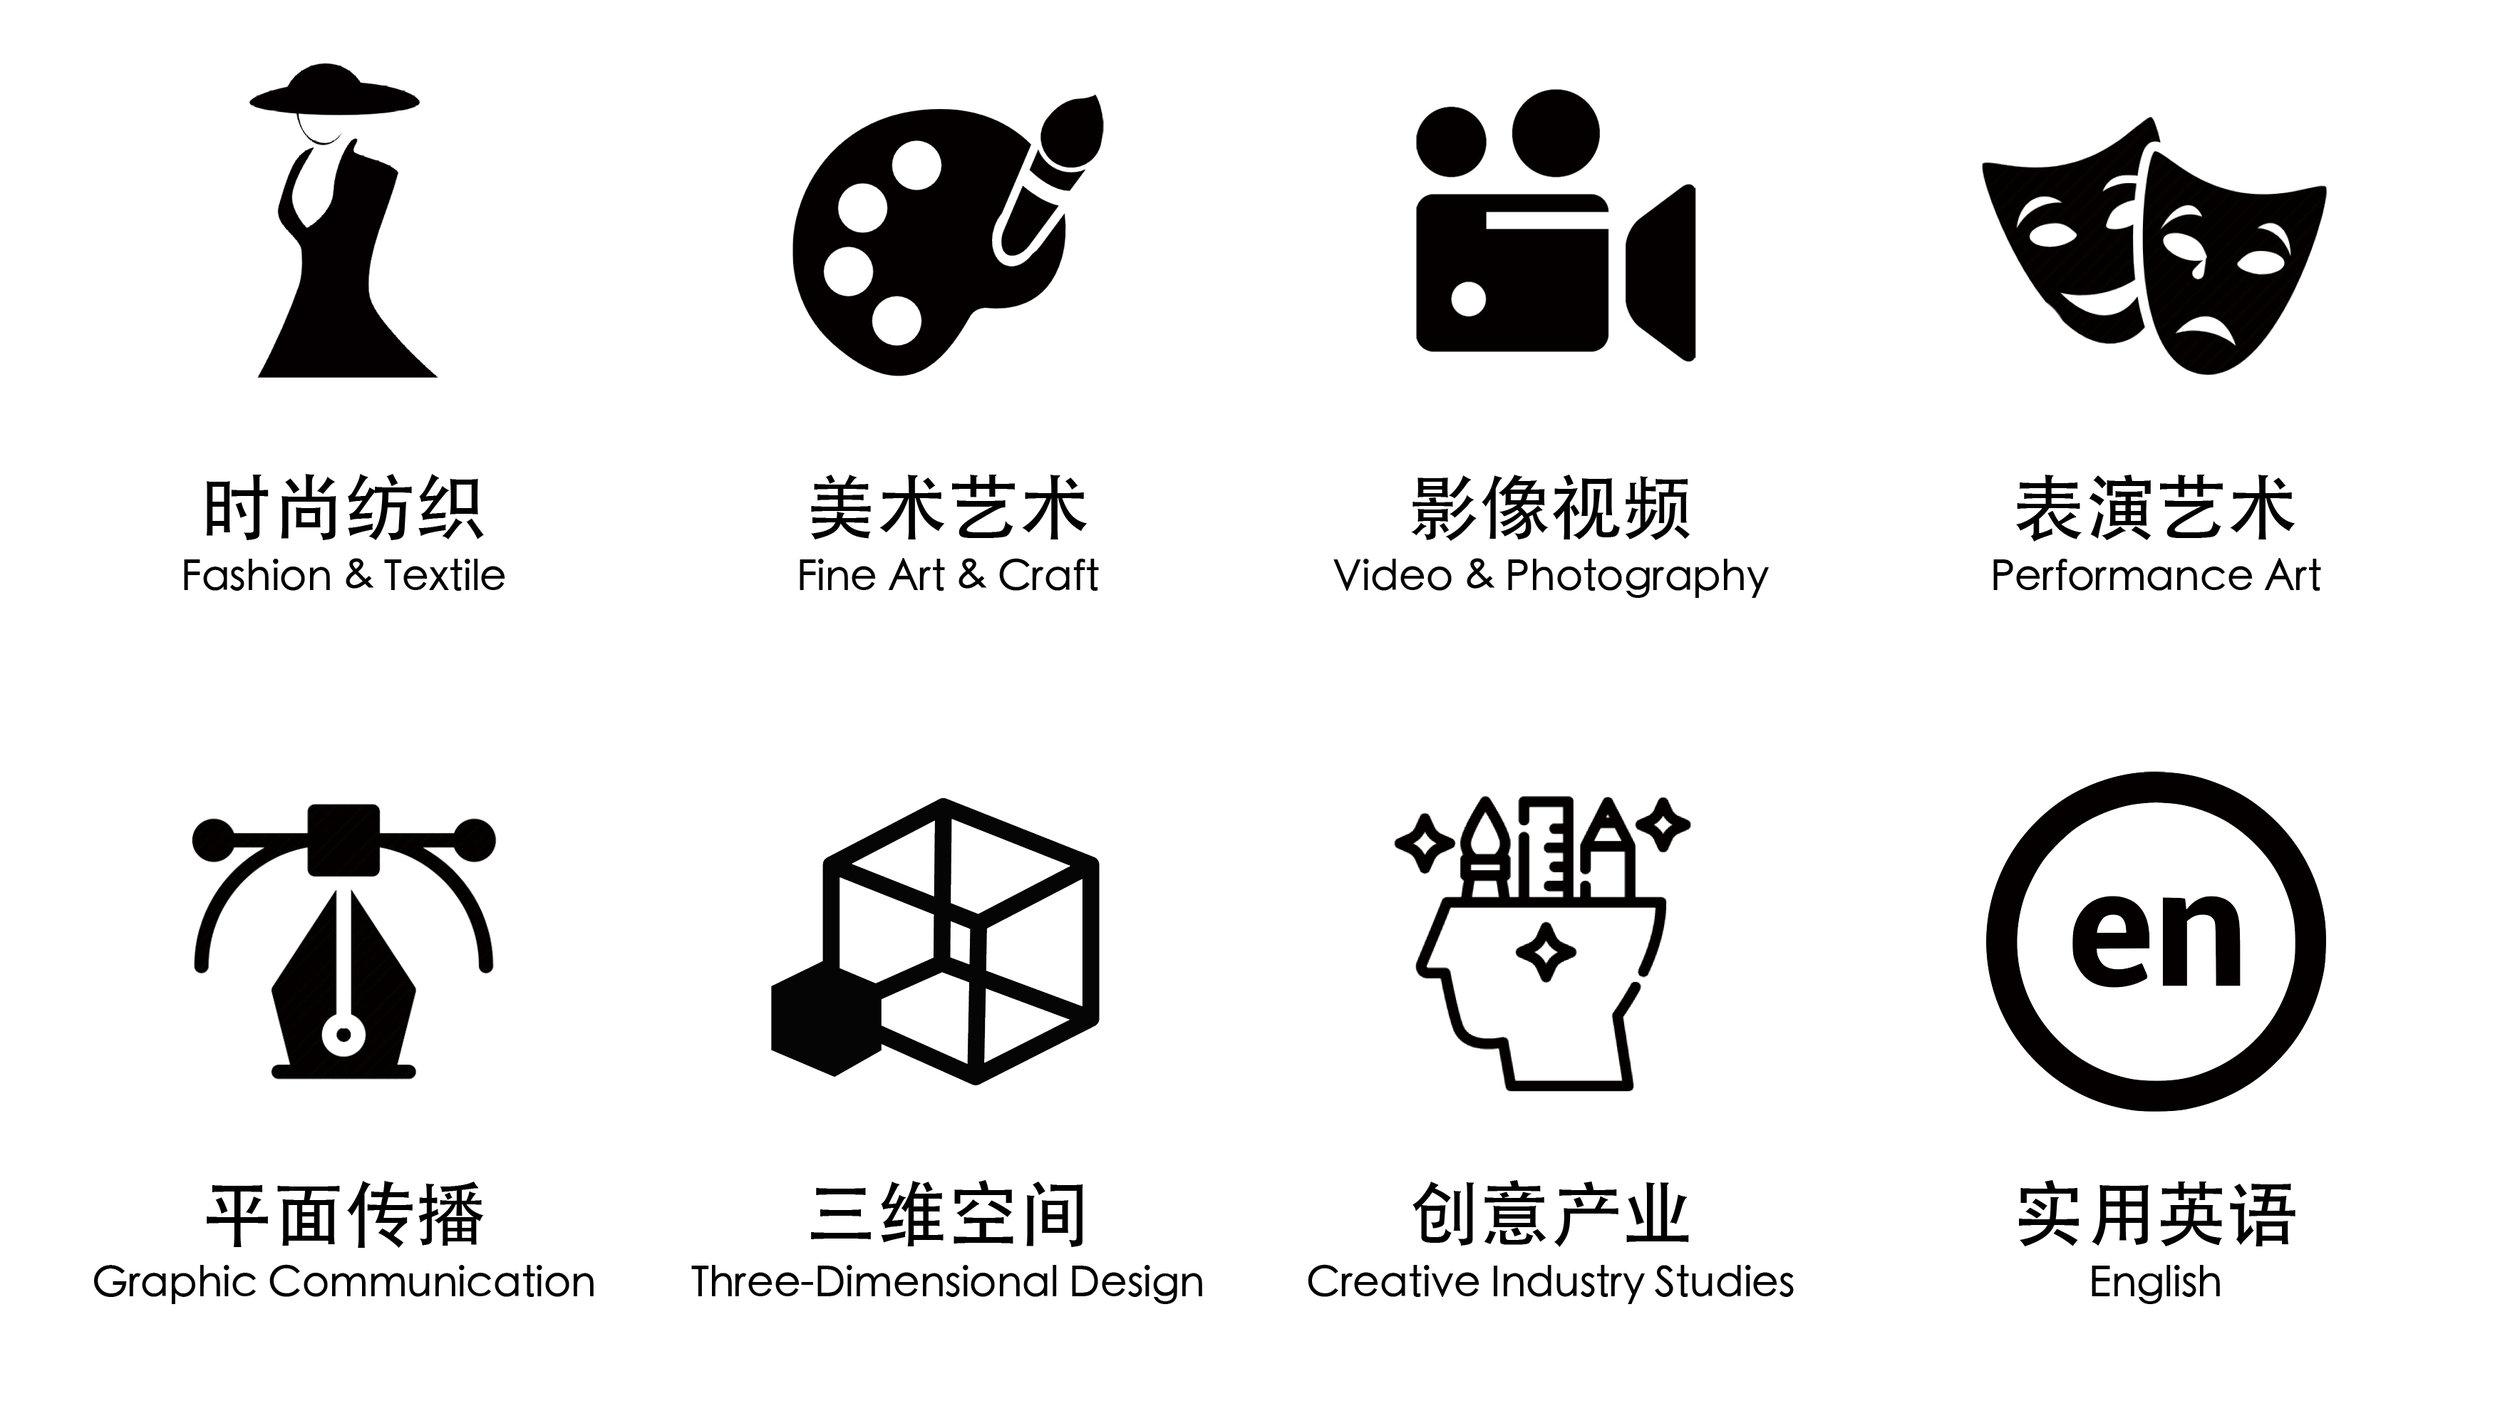 人群分类1.jpg